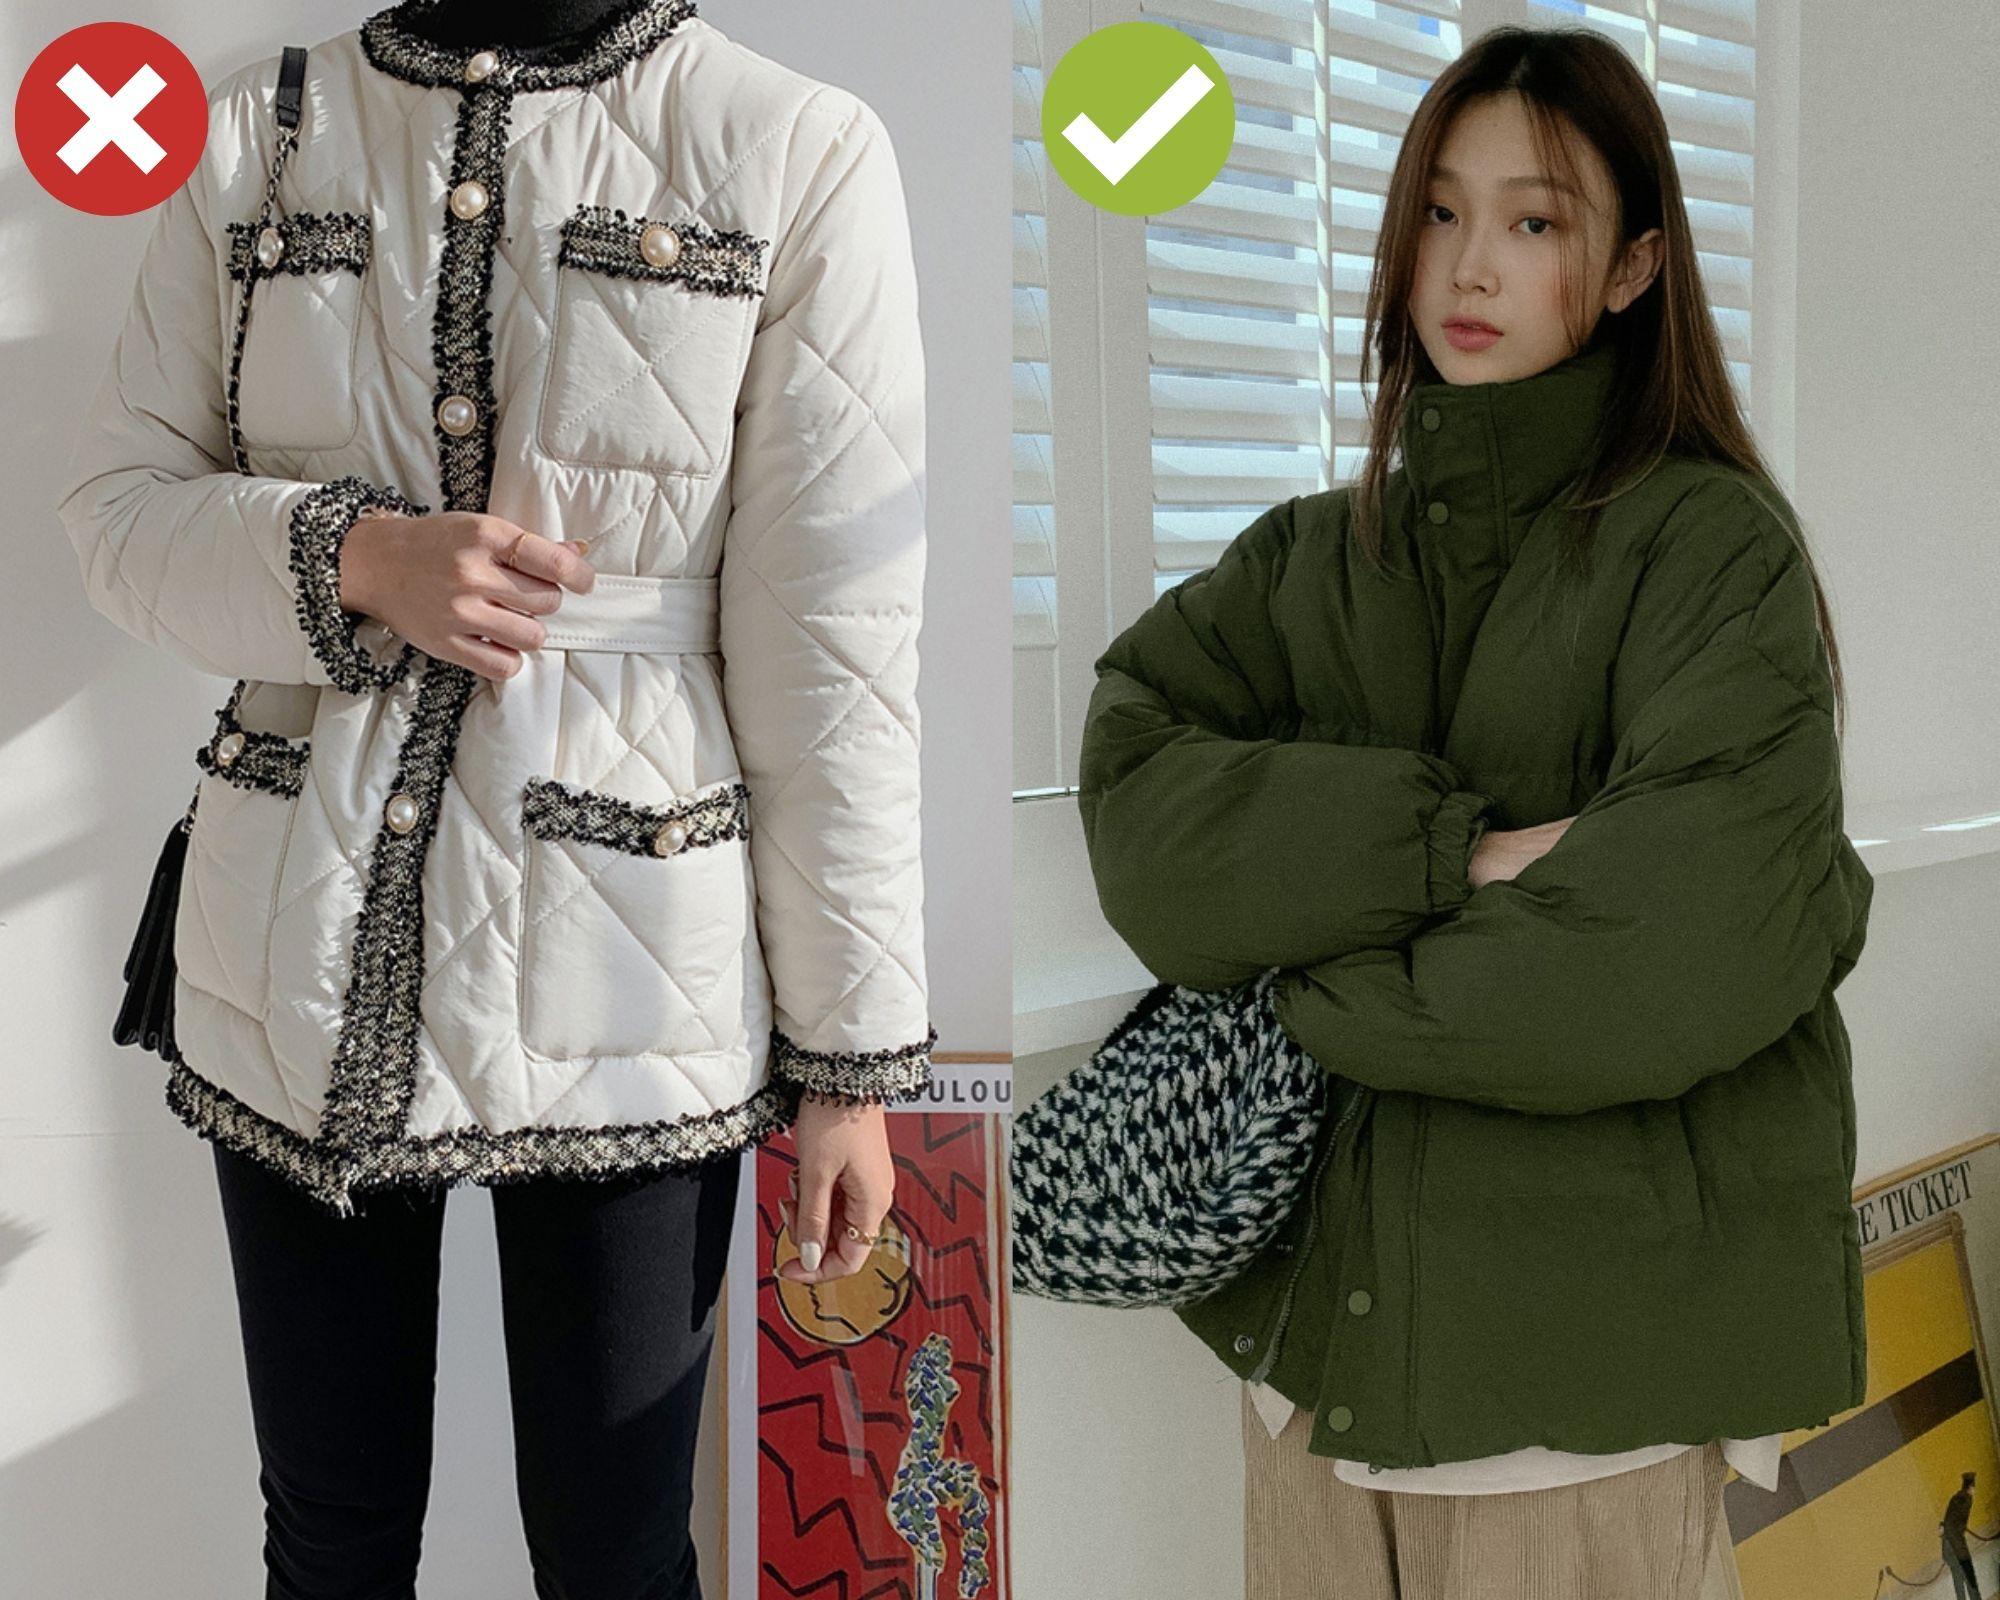 4 kiểu áo khoác mua chỉ phí tiền vì mặc lên vừa già, vừa làm sa sút trầm trọng phong độ mặc đẹp - Ảnh 3.